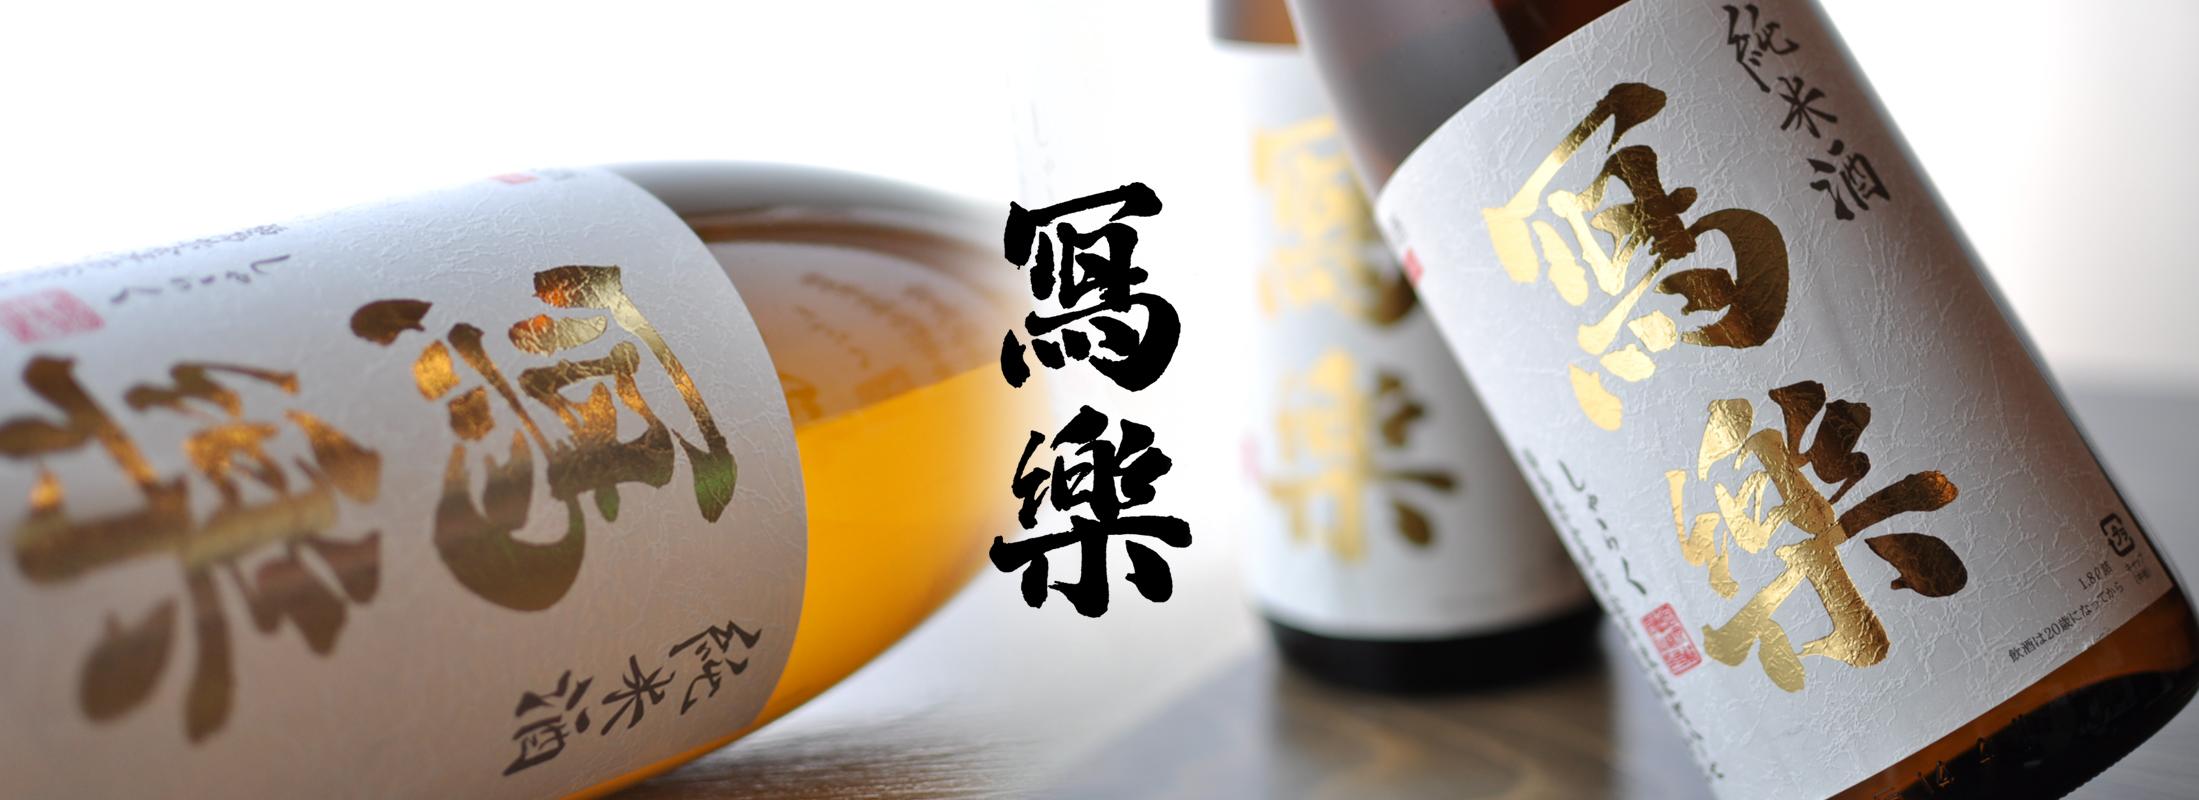 冩樂 純愛仕込 純米酒